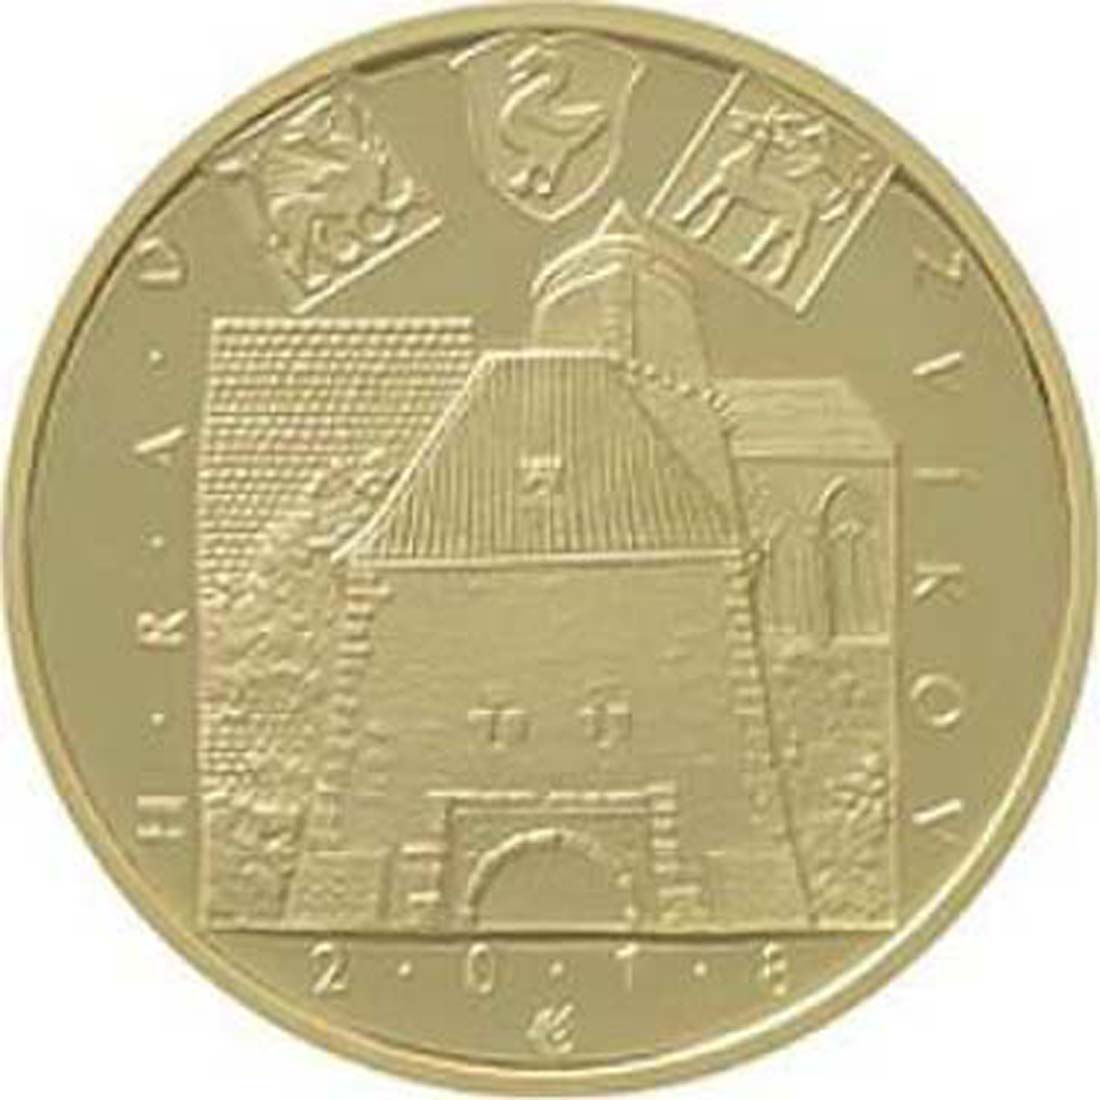 Bild des Lieferumfangs :Tschechische Republik - 5000 Kronen Burg Zvikov - Tschechische Burgen  2018 Stgl.